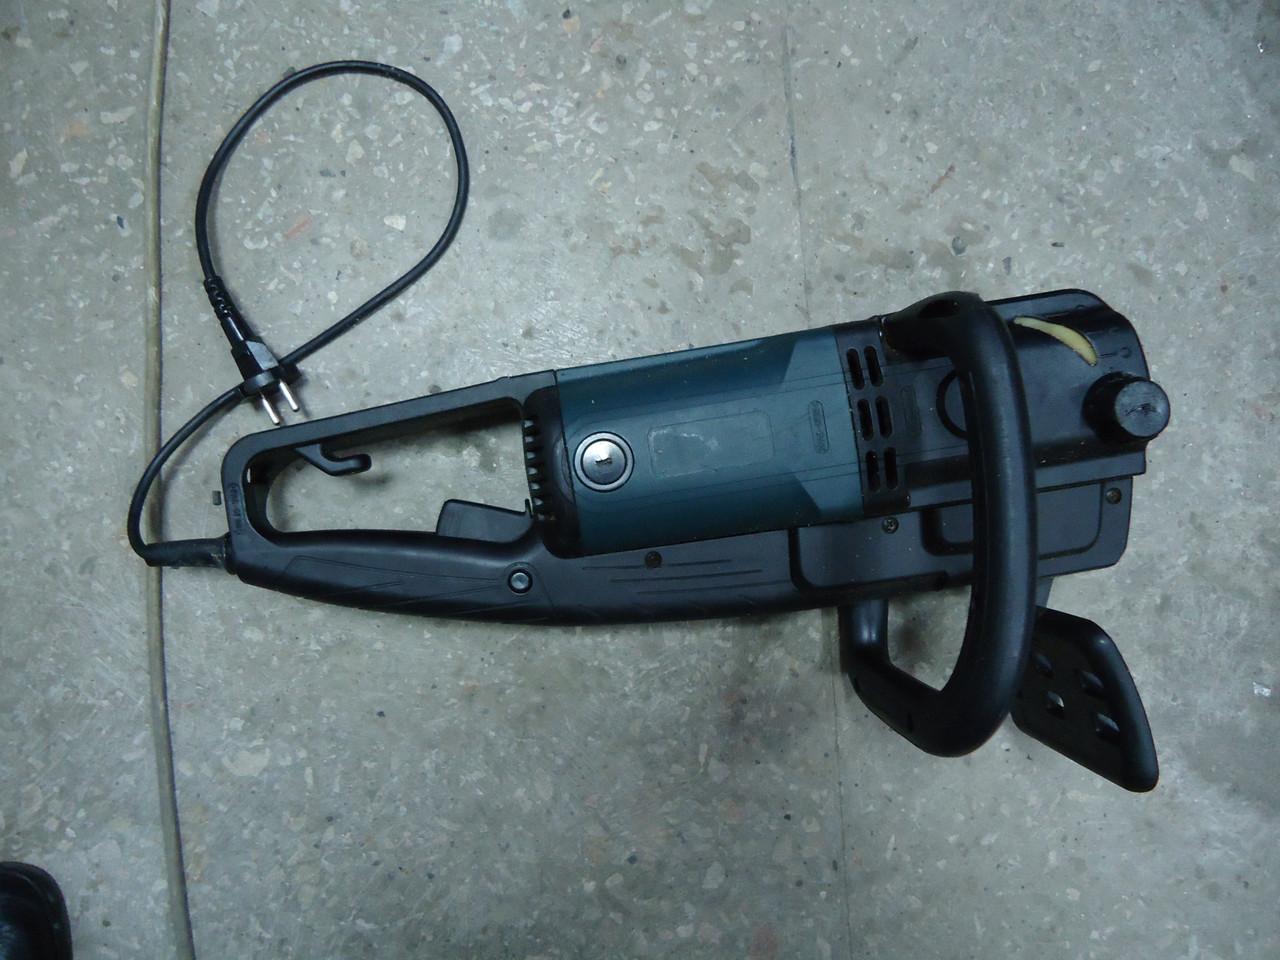 Электропила Chain saw 2450Вт на запчасти